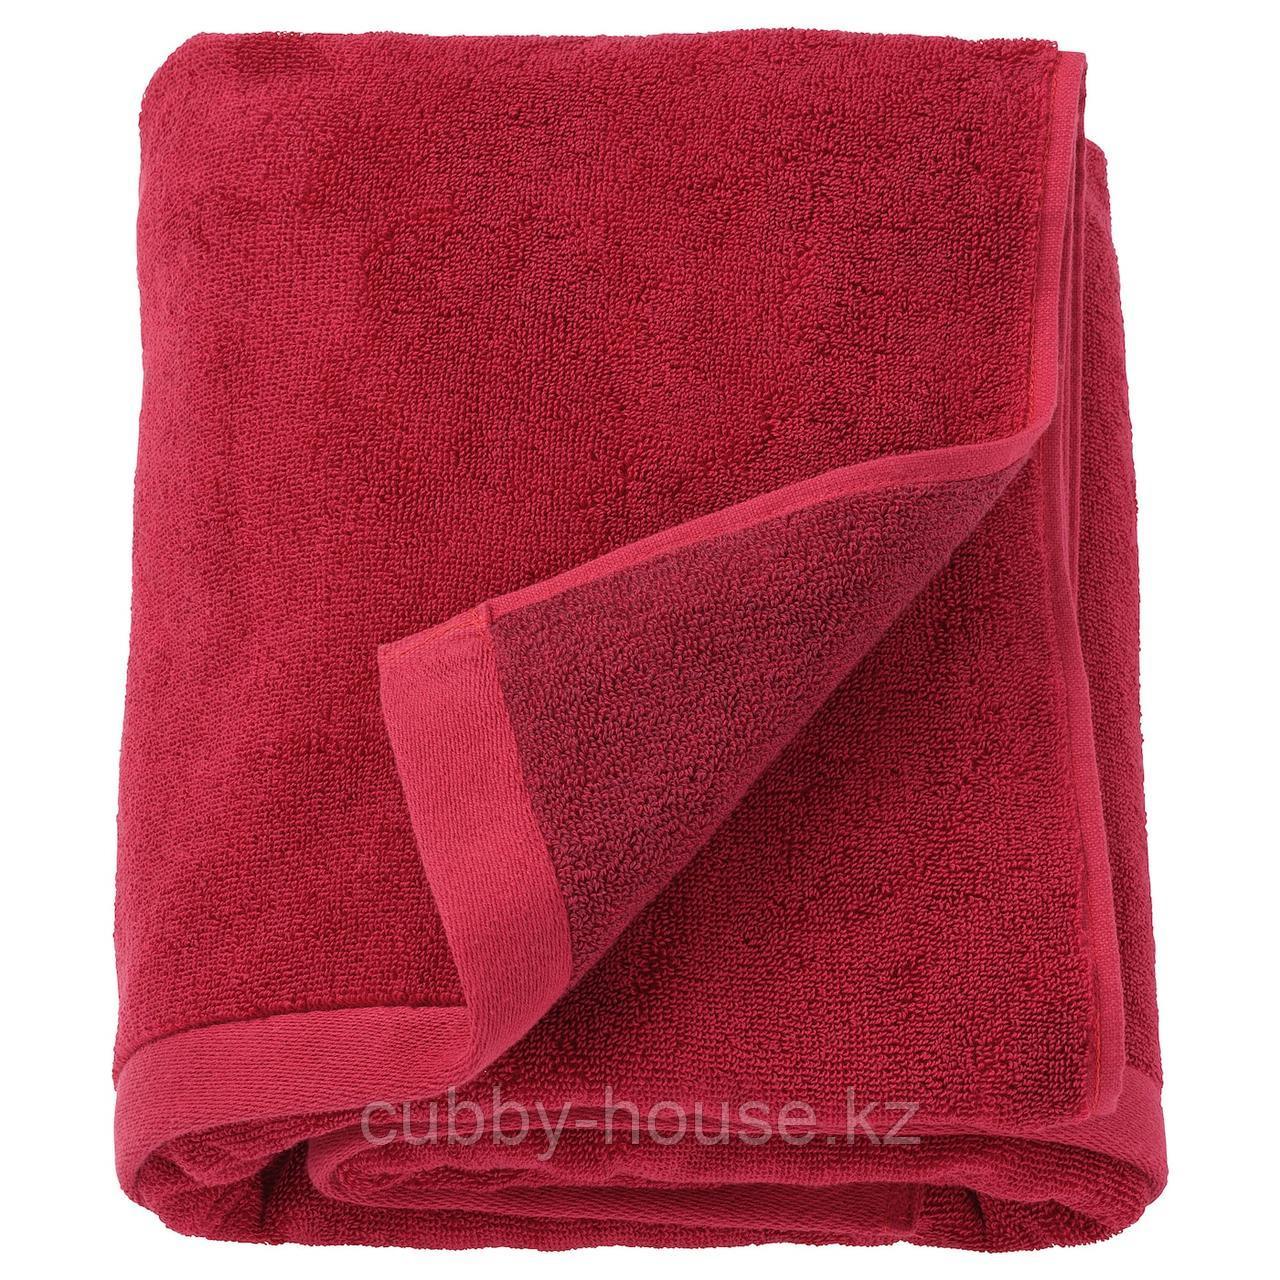 ХИМЛЕОН Полотенце, темно-красный, меланж, 50x100 см